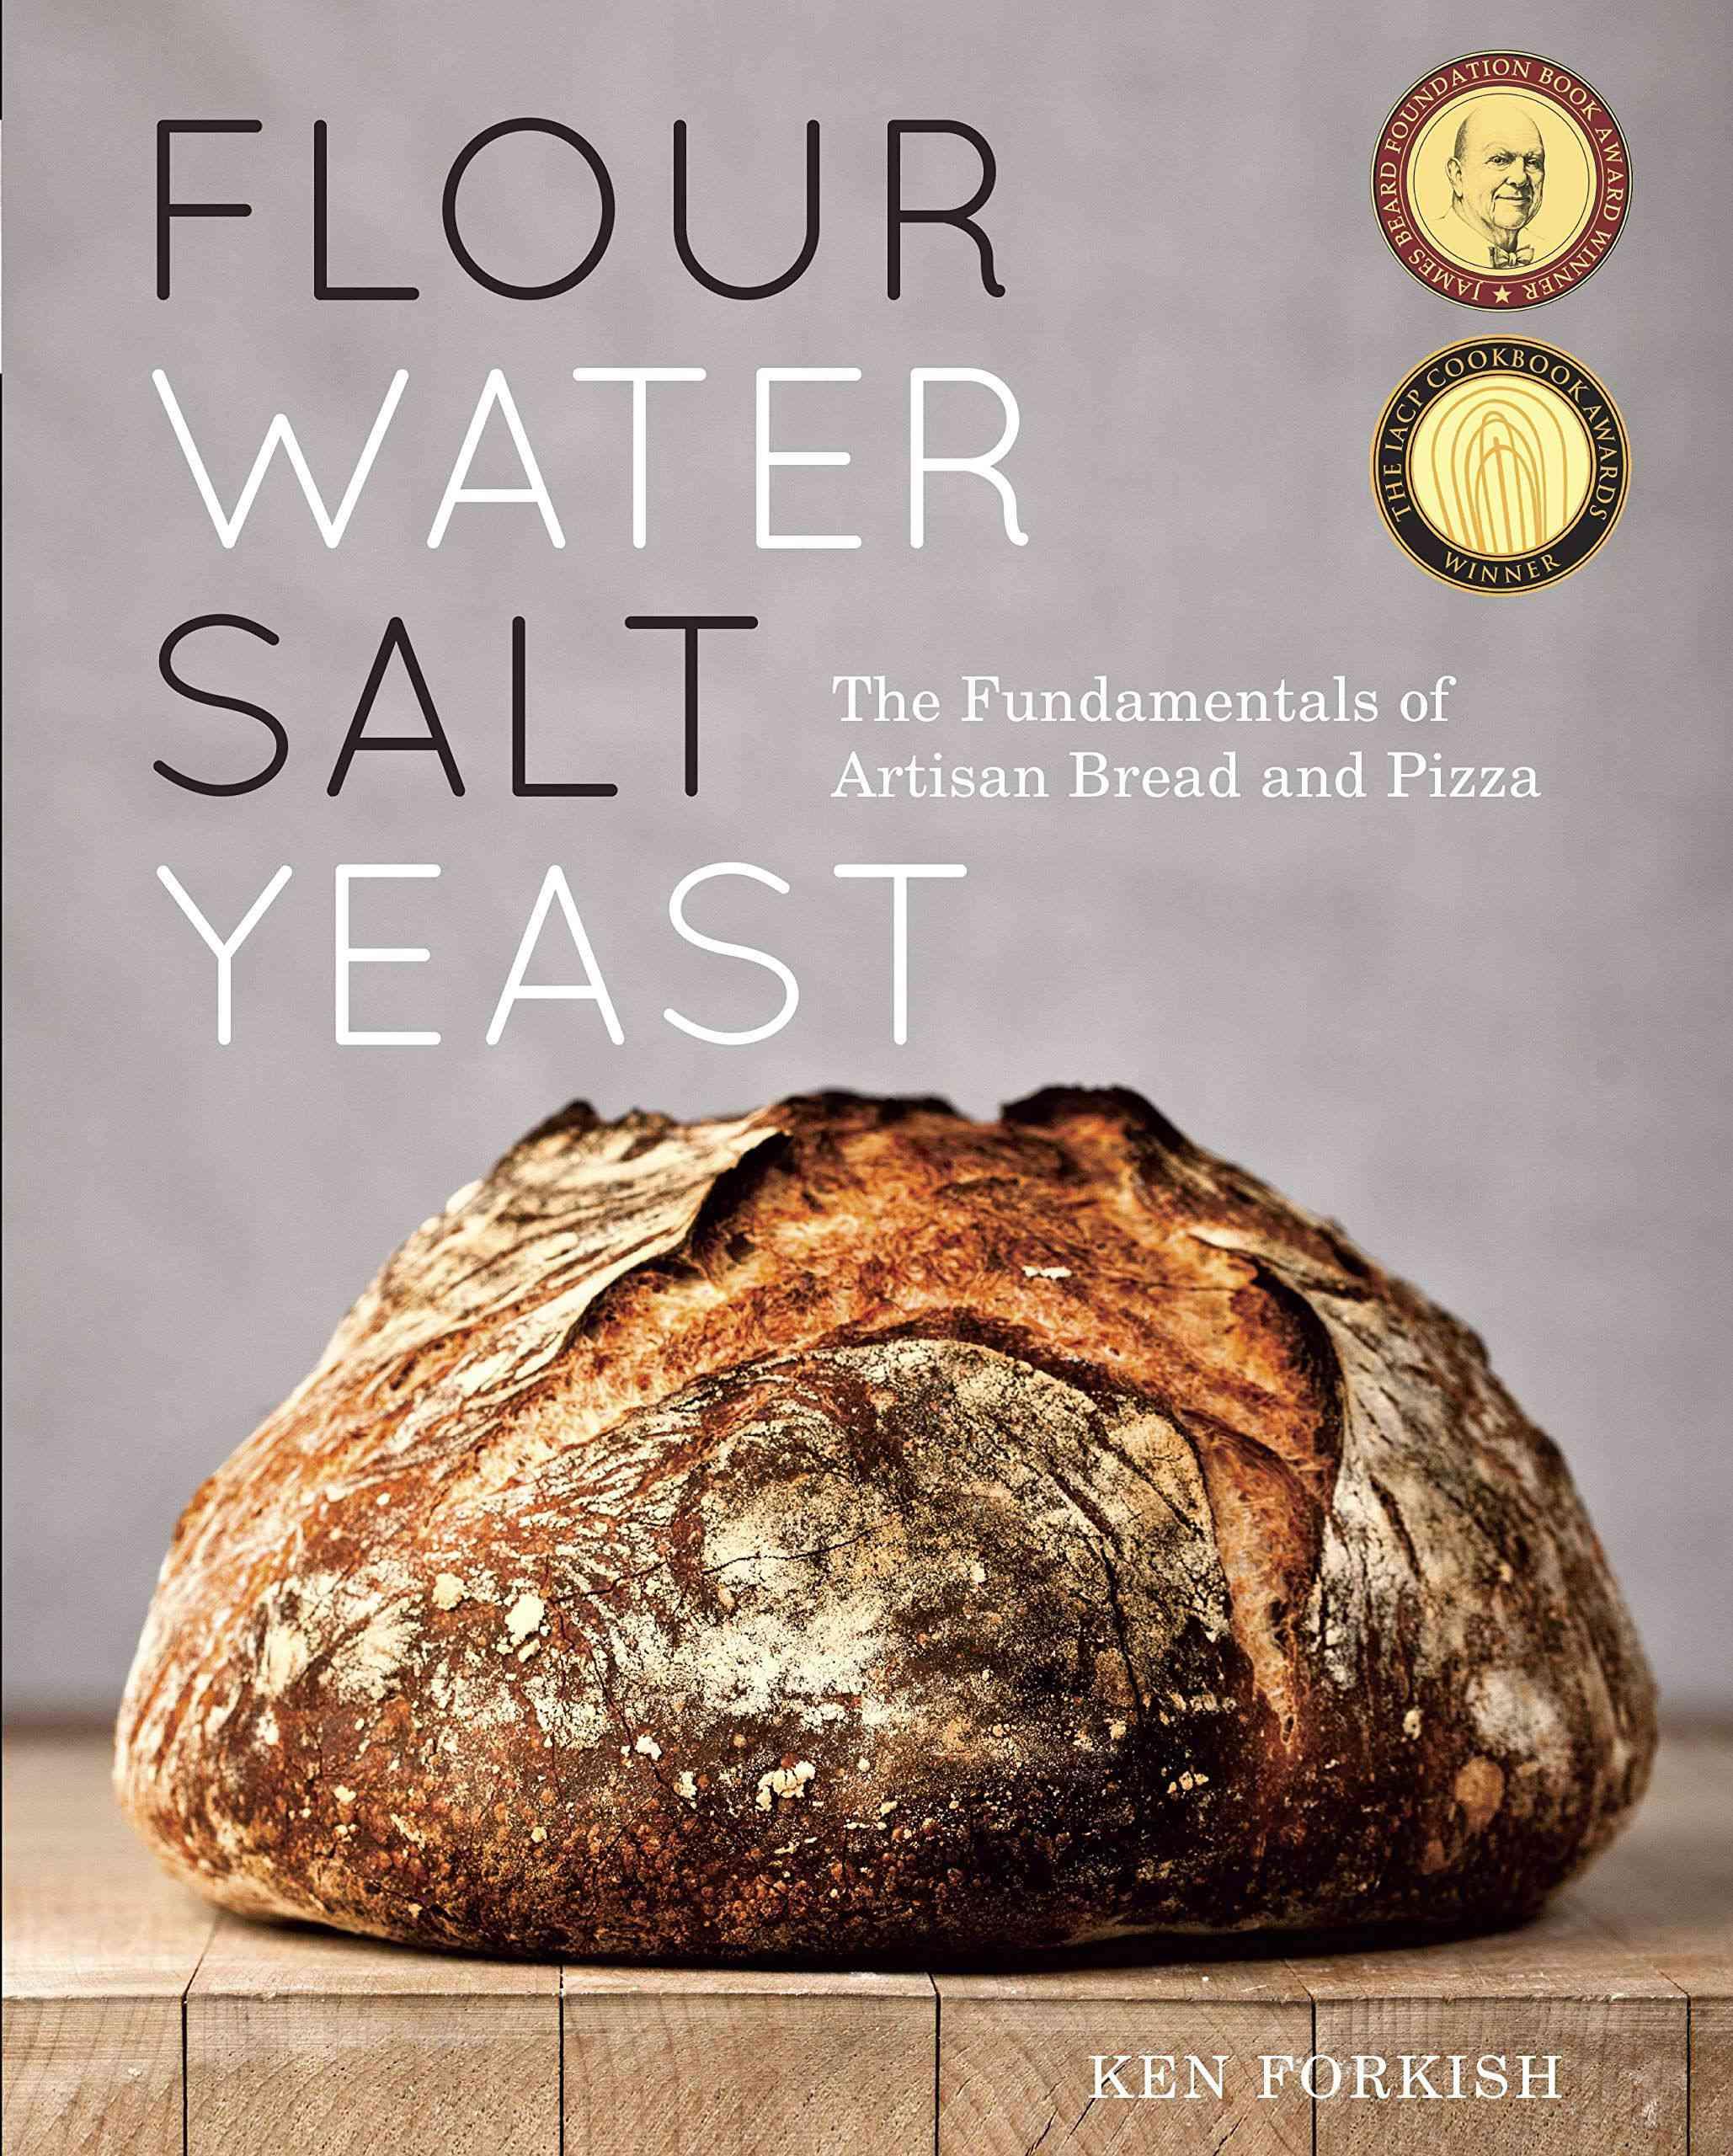 Flower Water Salt Yeast by Ken Forkish